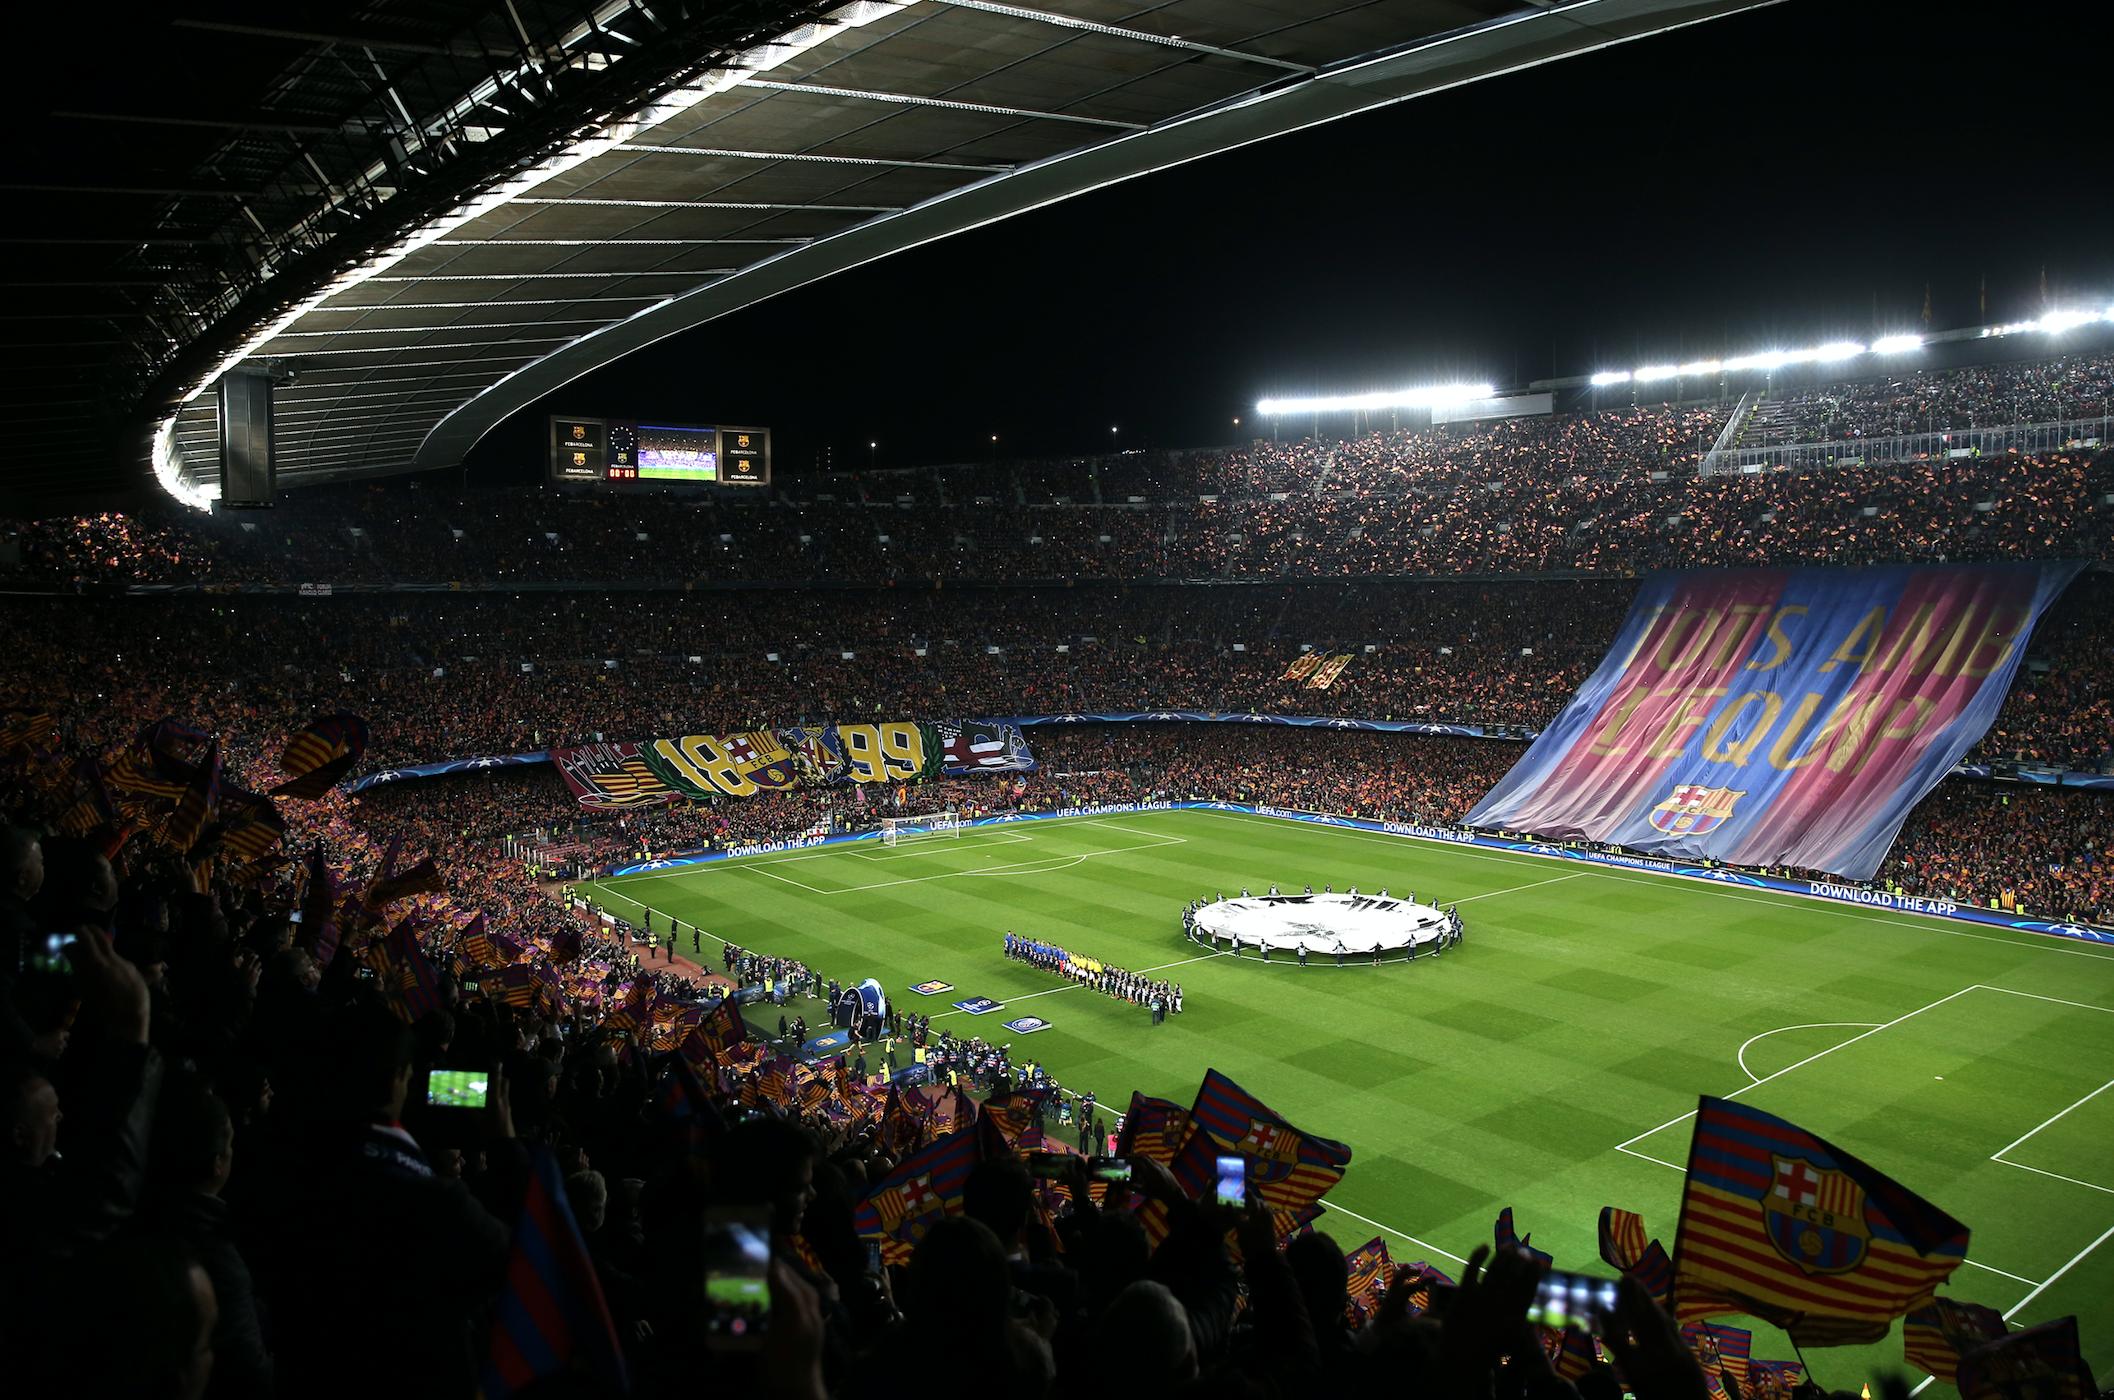 El Barça no lo hubiera conseguido sin la pasión de todo el Camp Nou que empujó al equipo hasta el final. histórica remontada del Barcelona